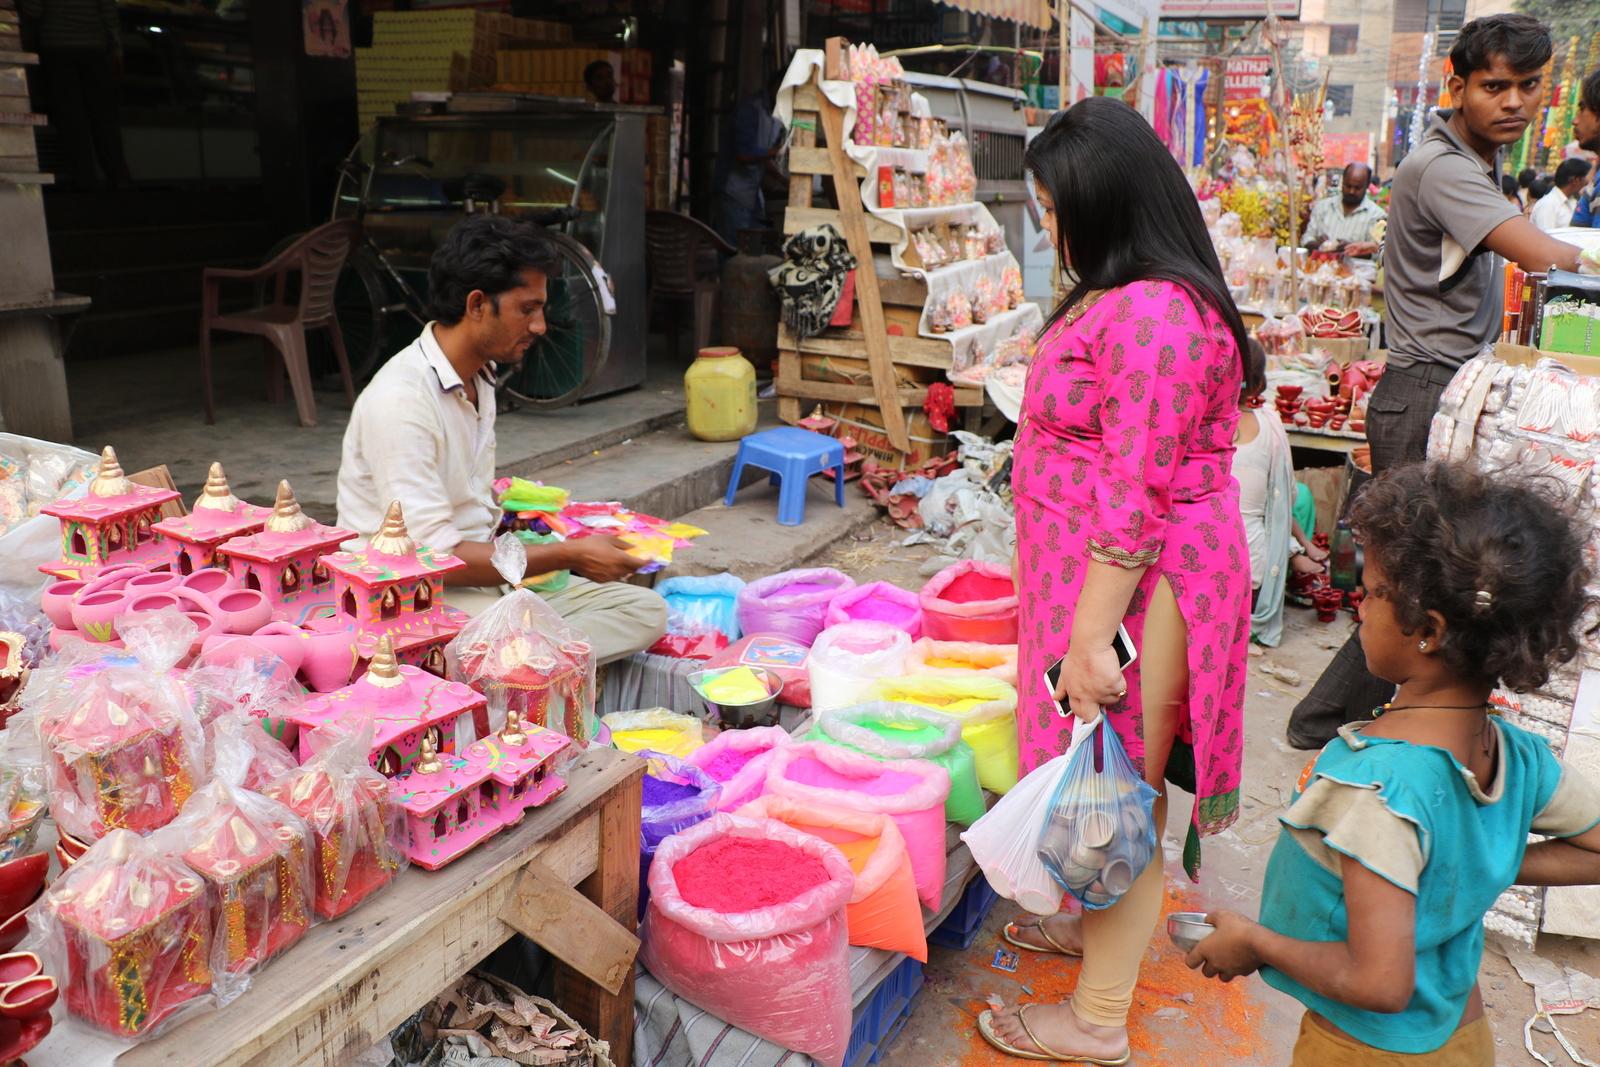 Myös erilaisia savesta valmistettuja maalattuja kynttilälyhtyjä myytiin runsaasti.